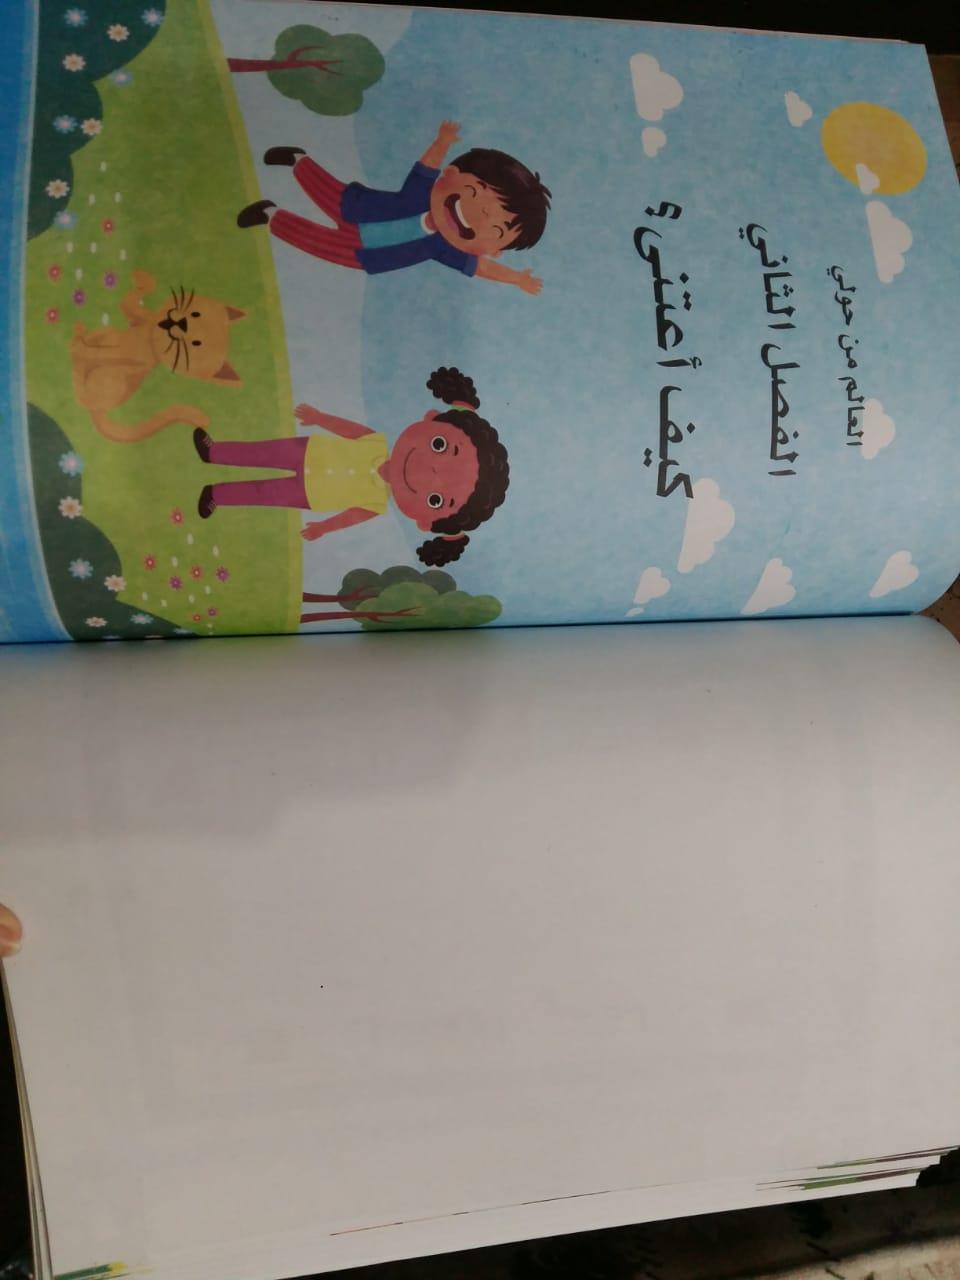 منهج رياض الأطفال الجديد (31)